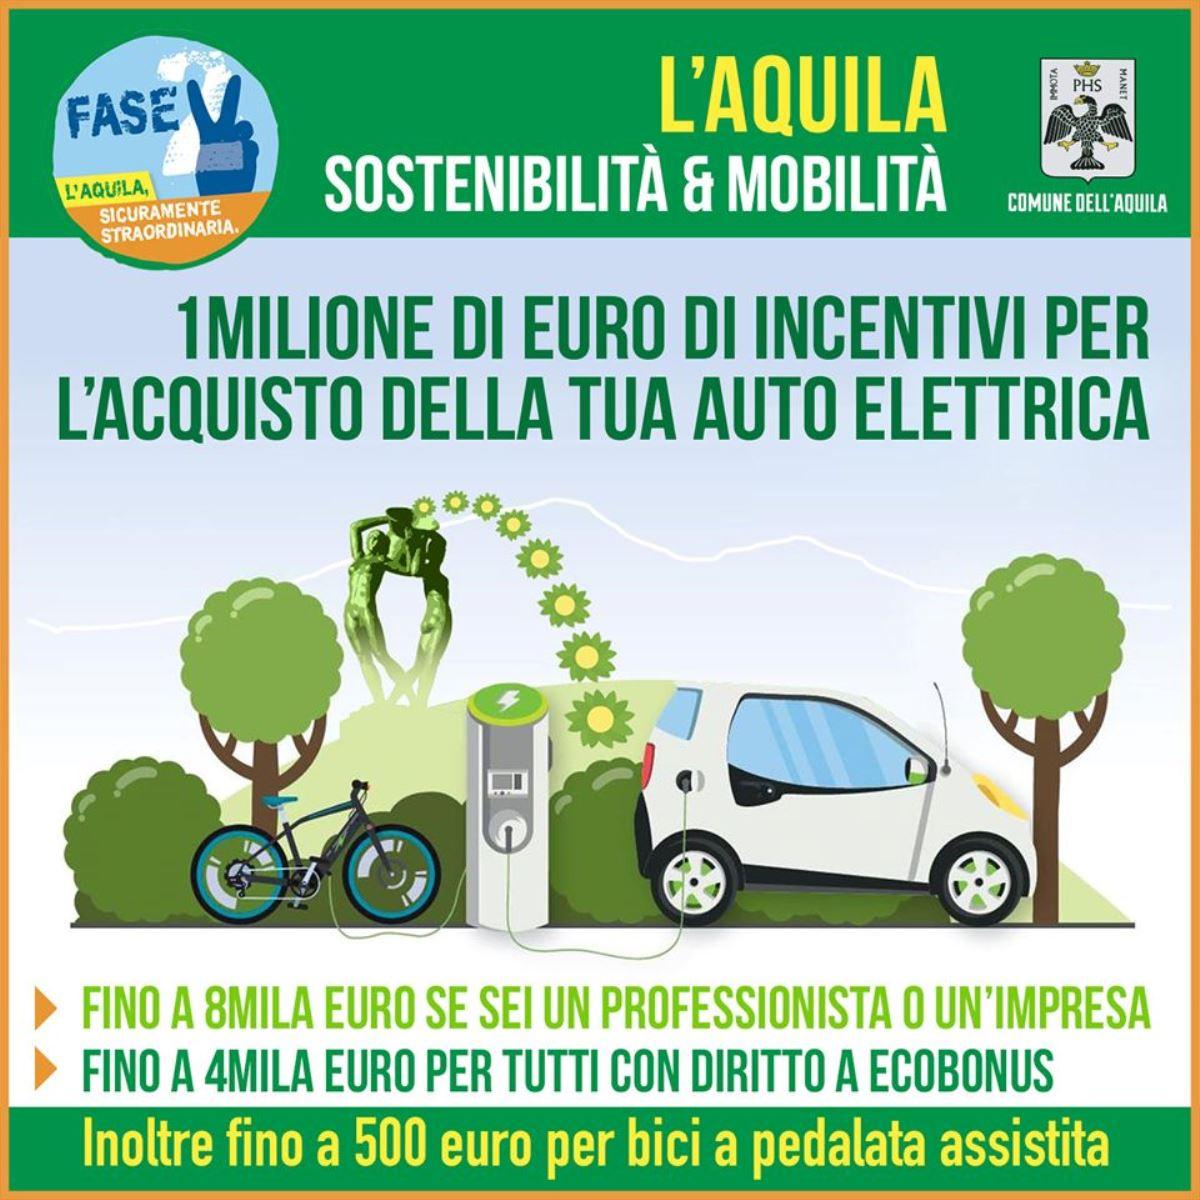 L'Aquila incentivi per acquisto auto elettriche foto